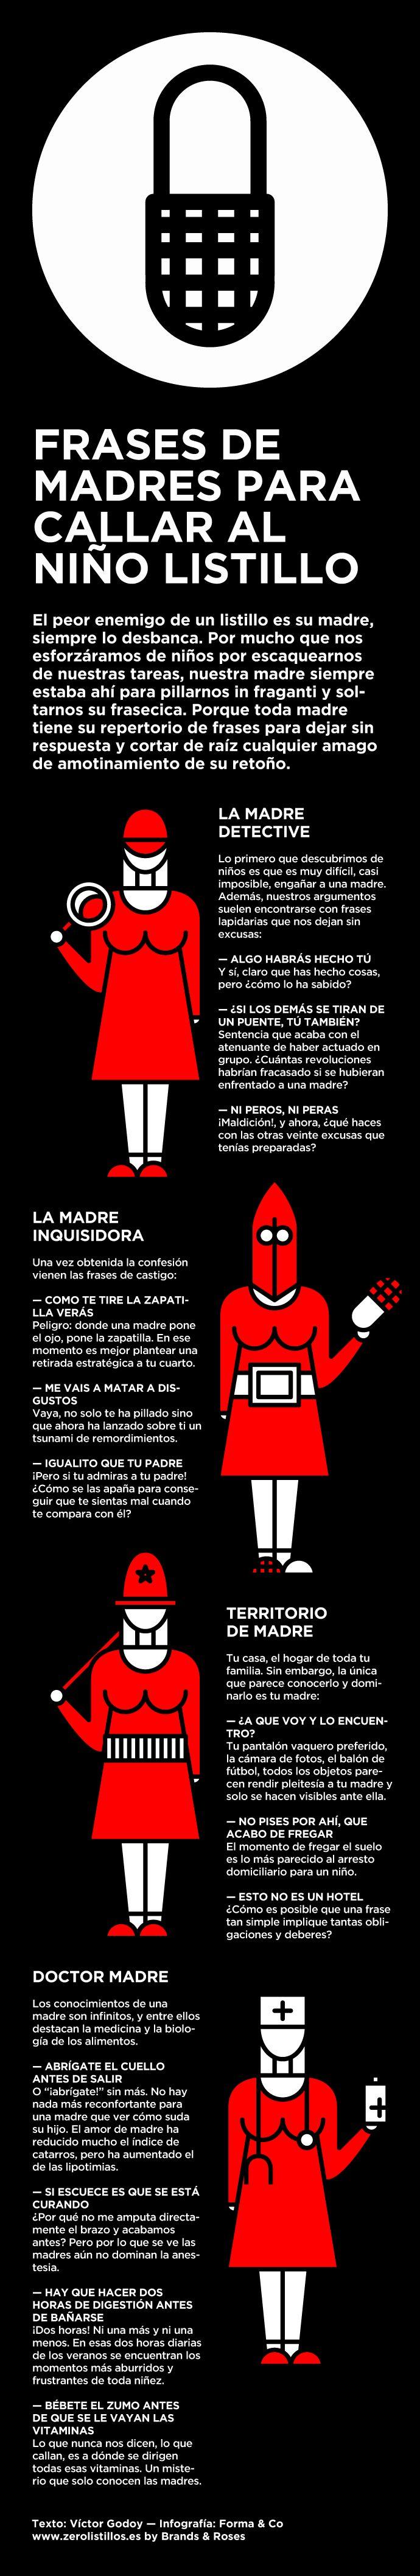 Frases de madres #infografia